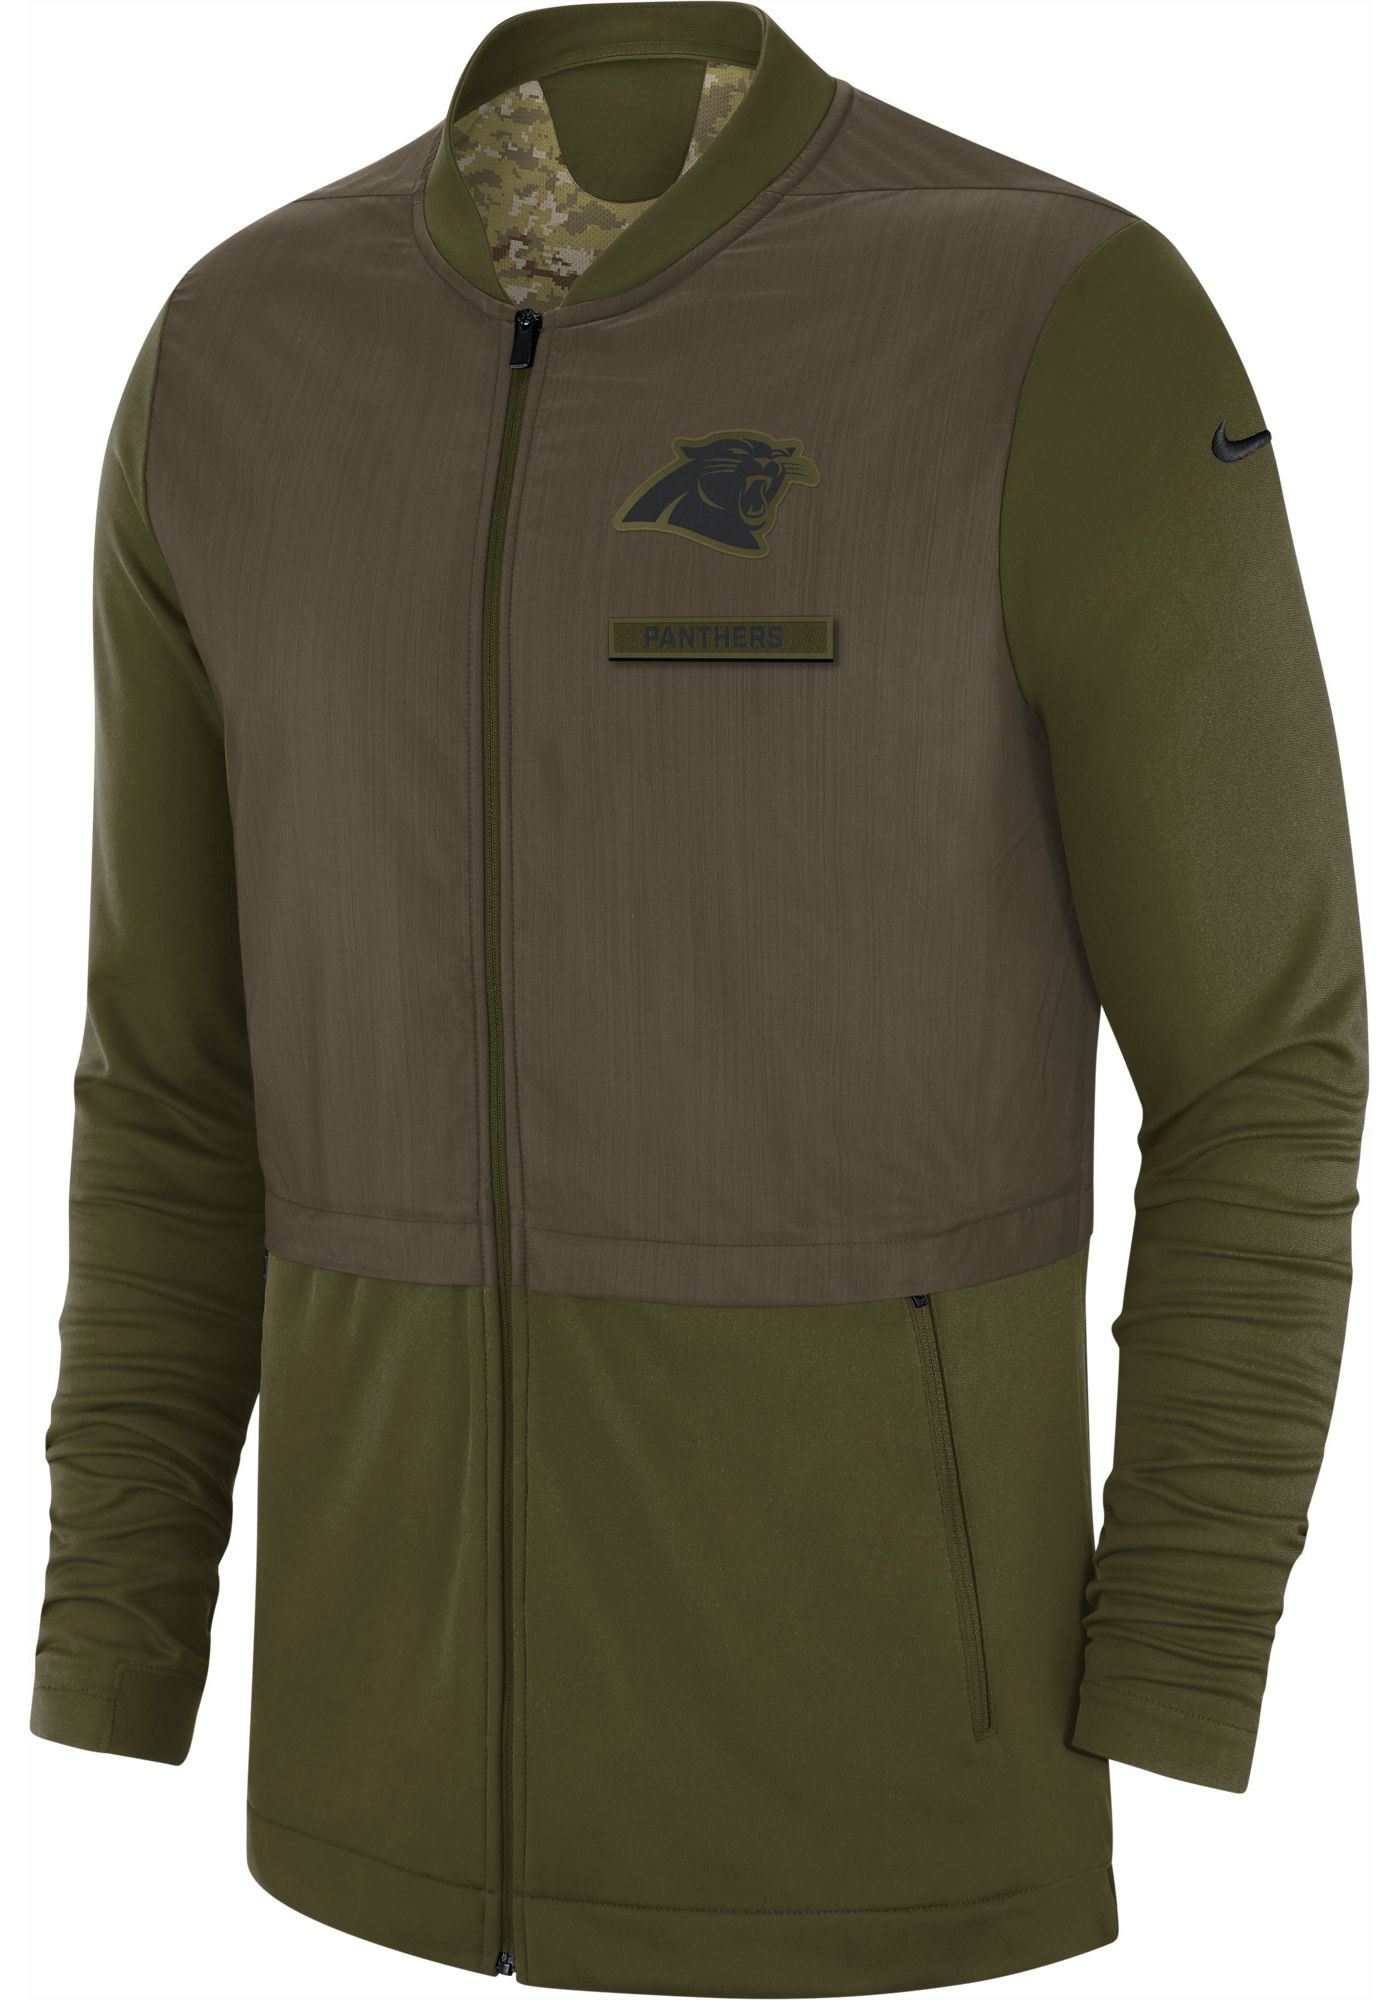 Nike Men's Salute to Service Carolina Panthers Hybrid Full-Zip Jacket